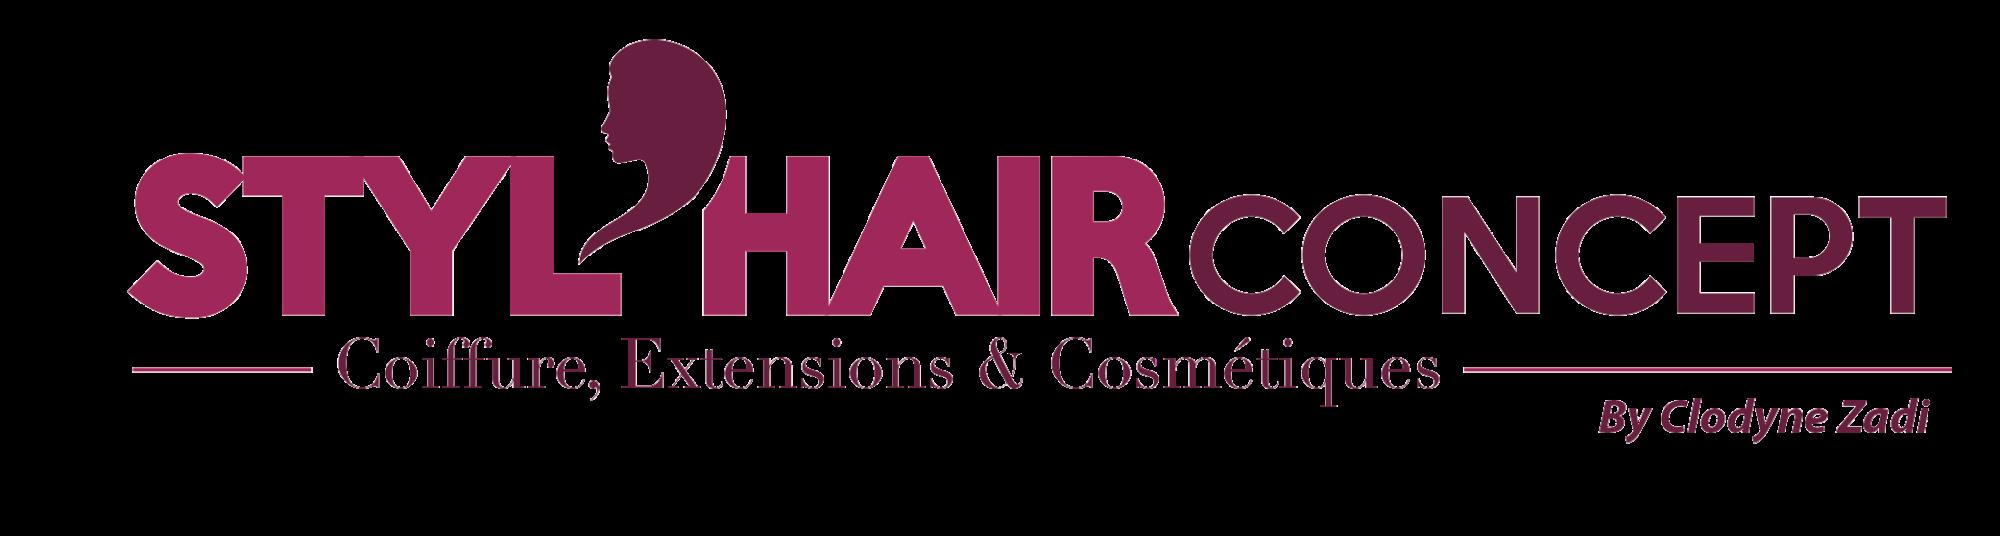 salon de coiffure montauban - coiffeur montauban